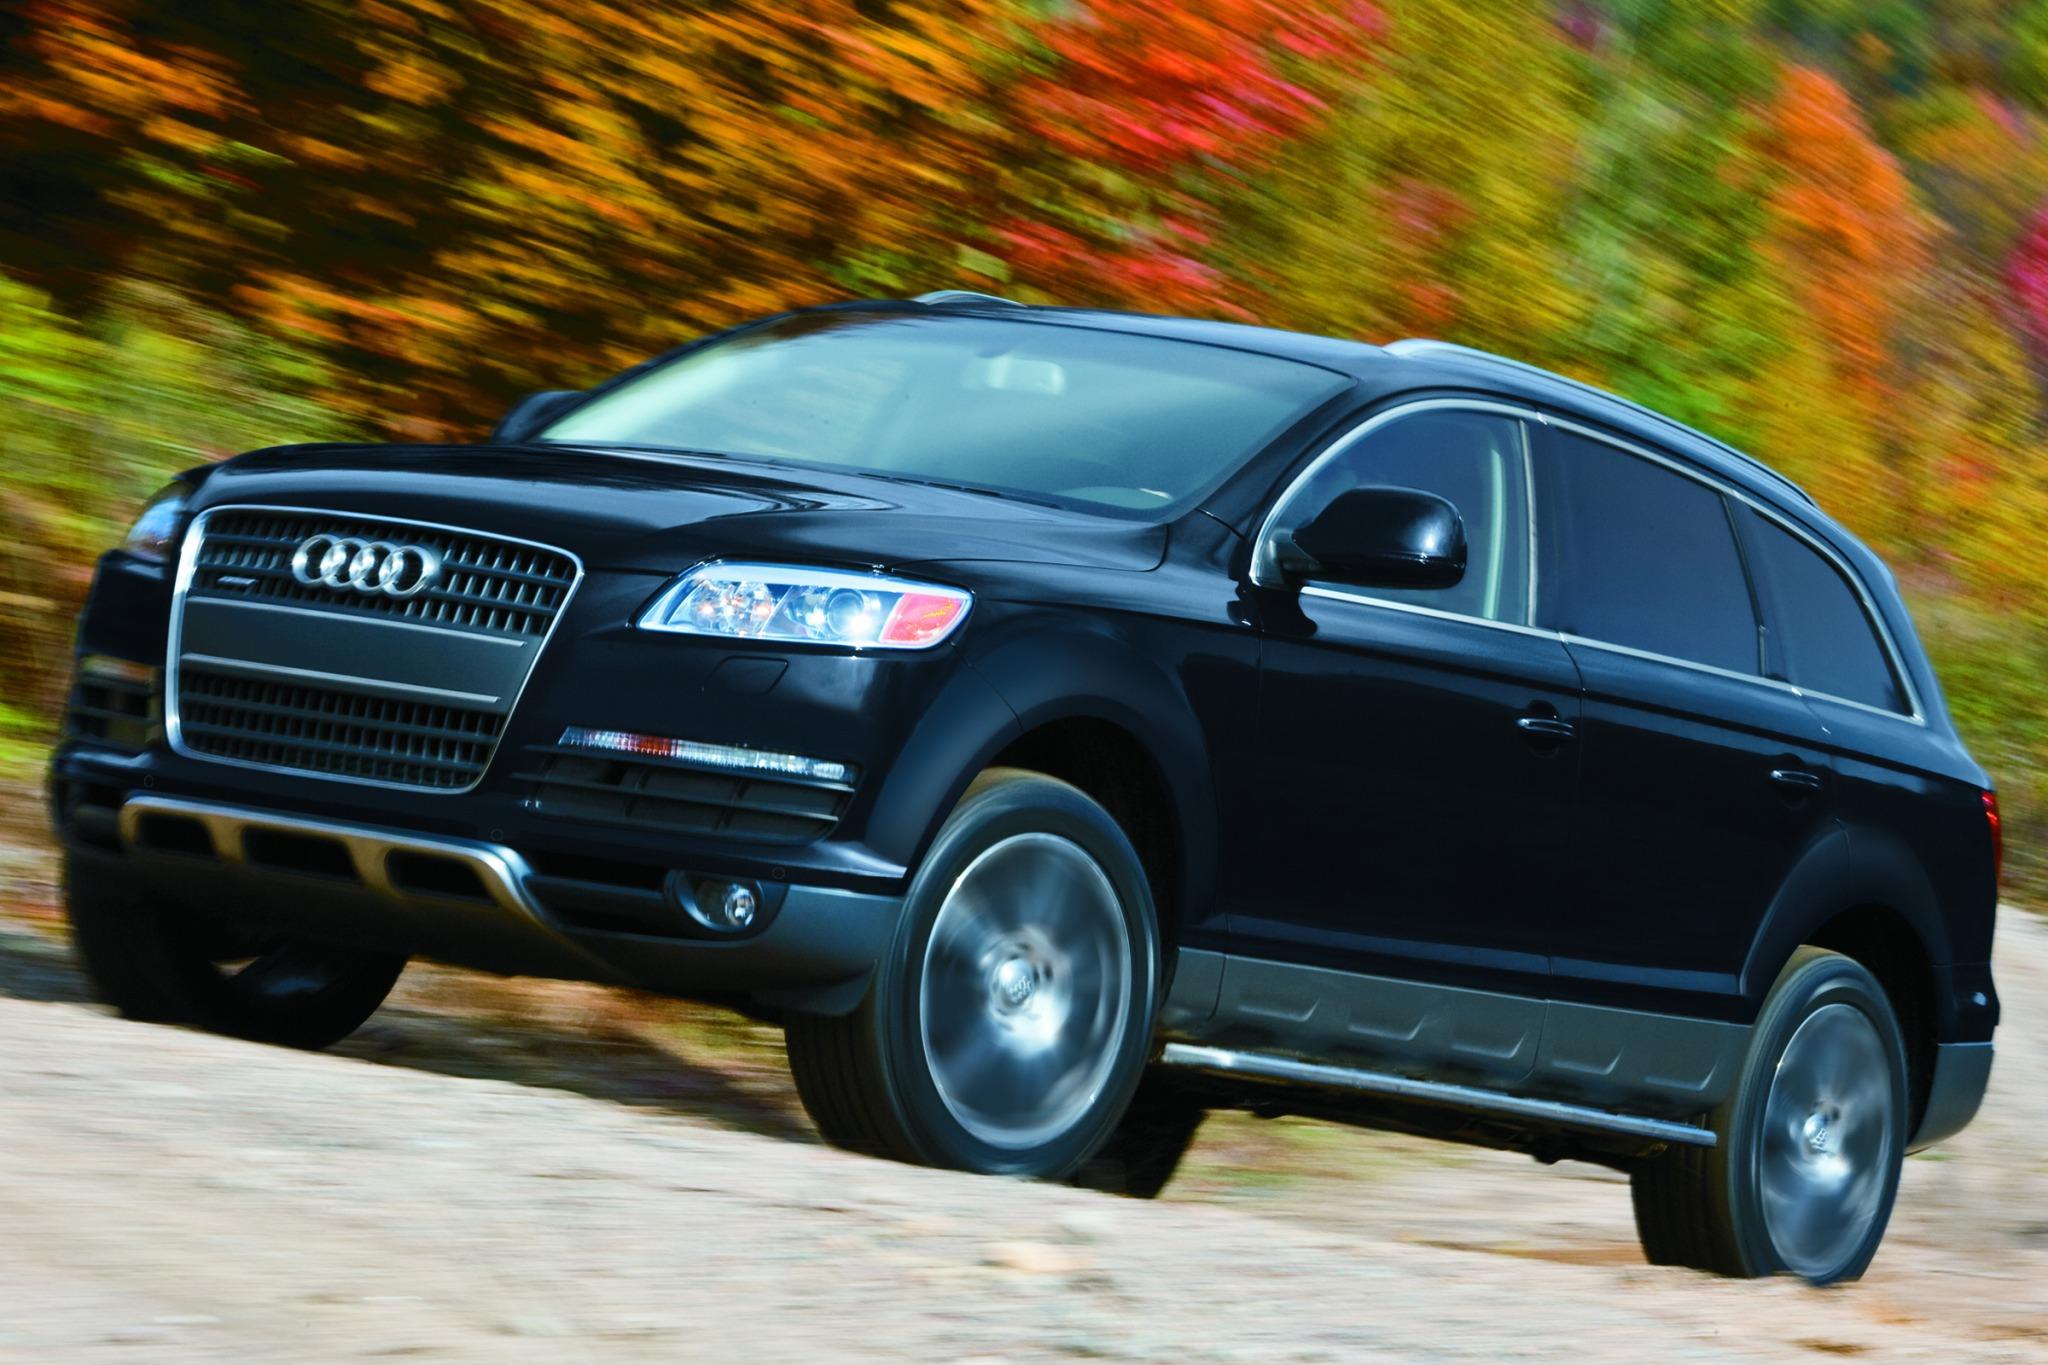 2010 Audi Q7 Image 2